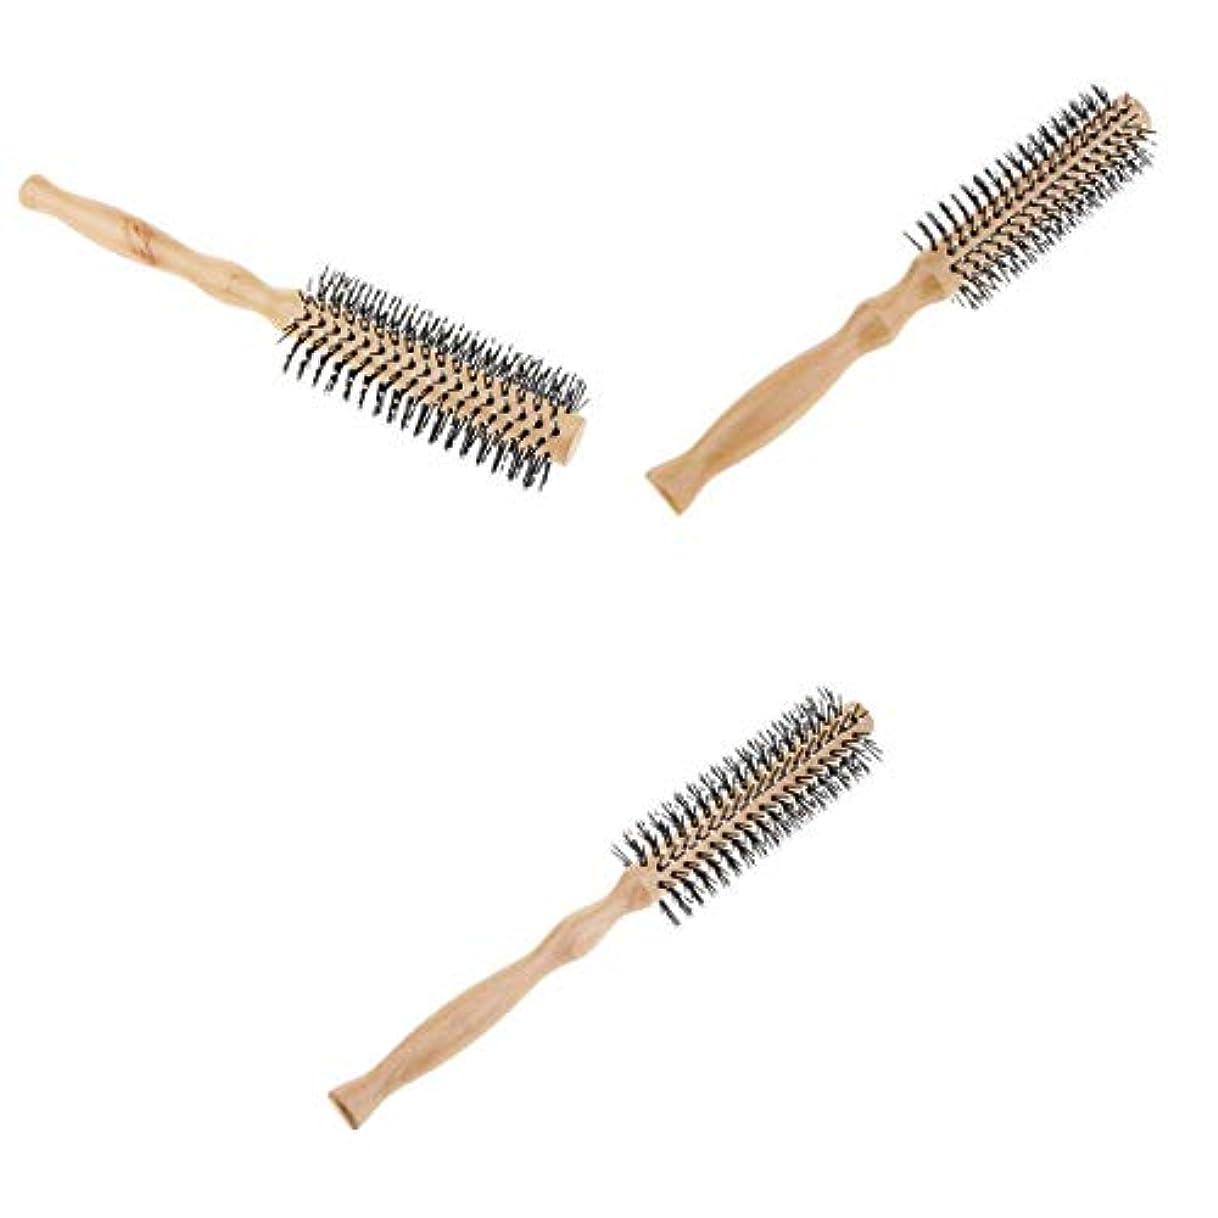 再発する学習アスレチックロールブラシ ヘアブラシ 木製櫛 スタイリングブラシ 巻き髪 静電気防止 3本セット